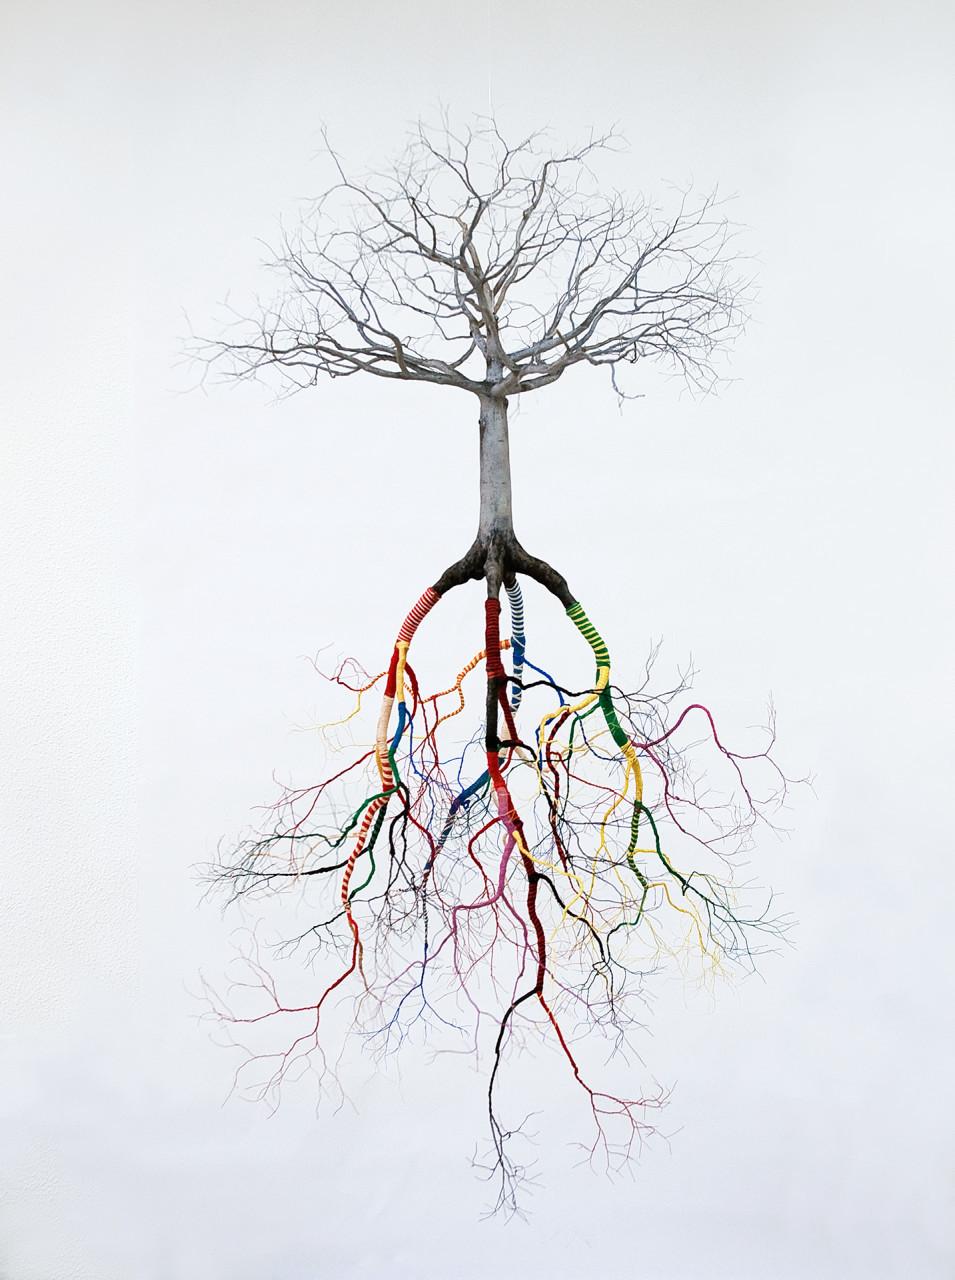 les-sculptures-darbres-suspendus-et-les-racines-cubaines-de-jorge-mayet-07